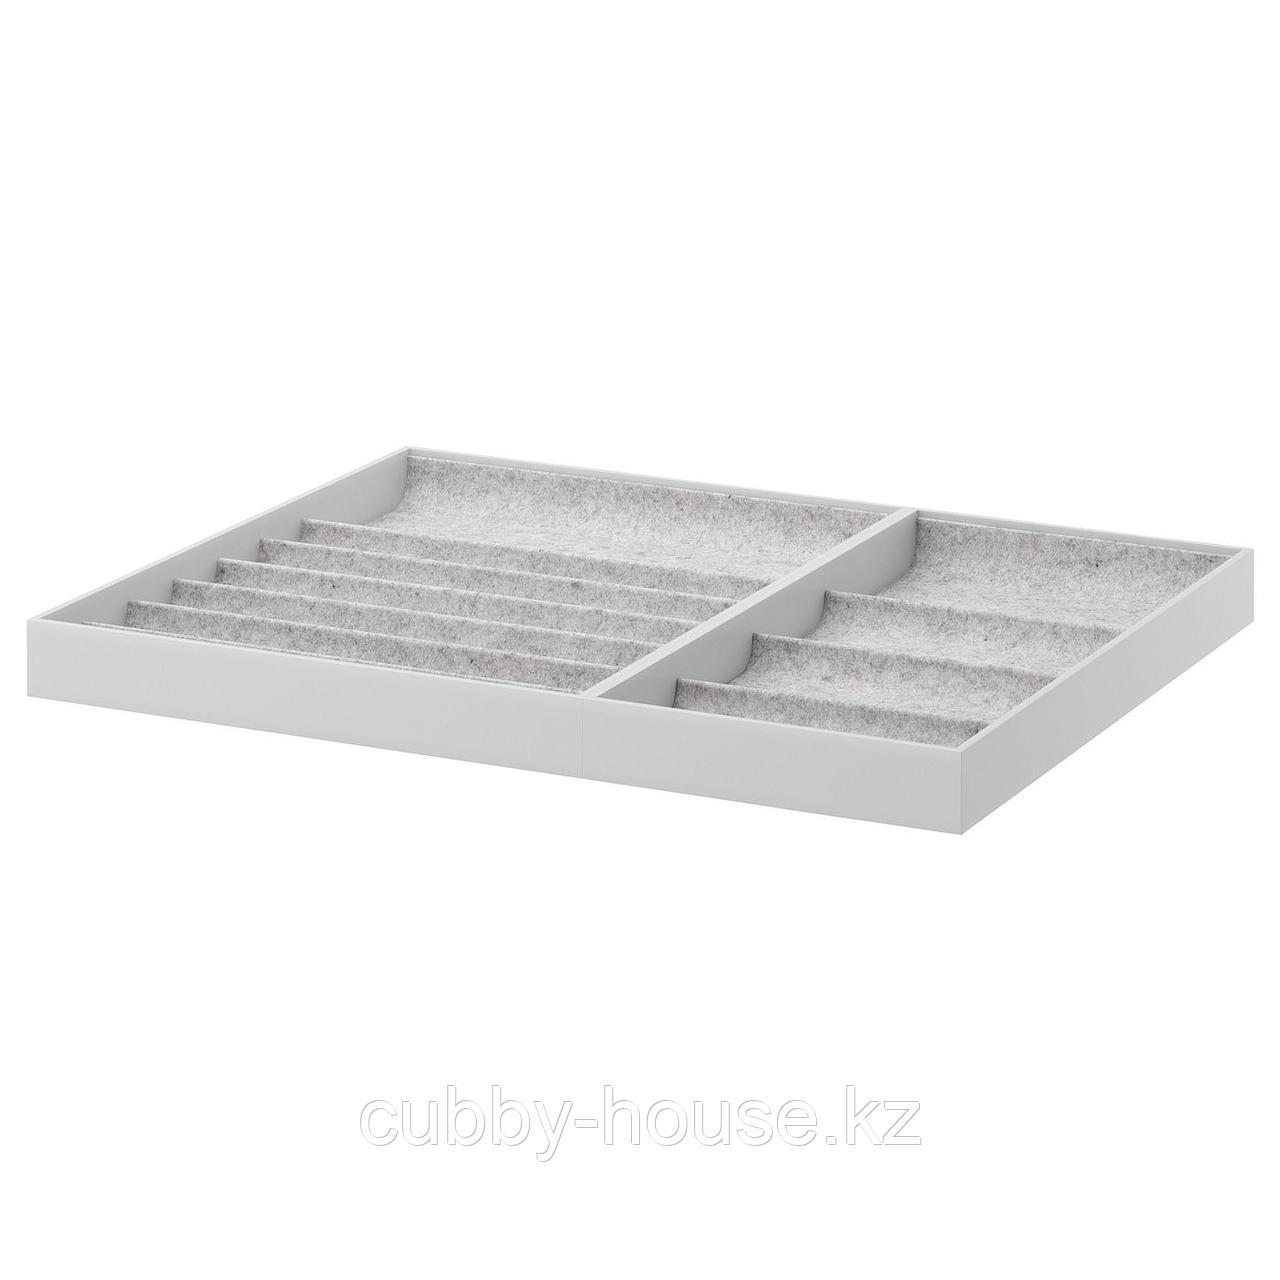 КОМПЛИМЕНТ Вставка для выдвижной полки, светло-серый, 75x58 см